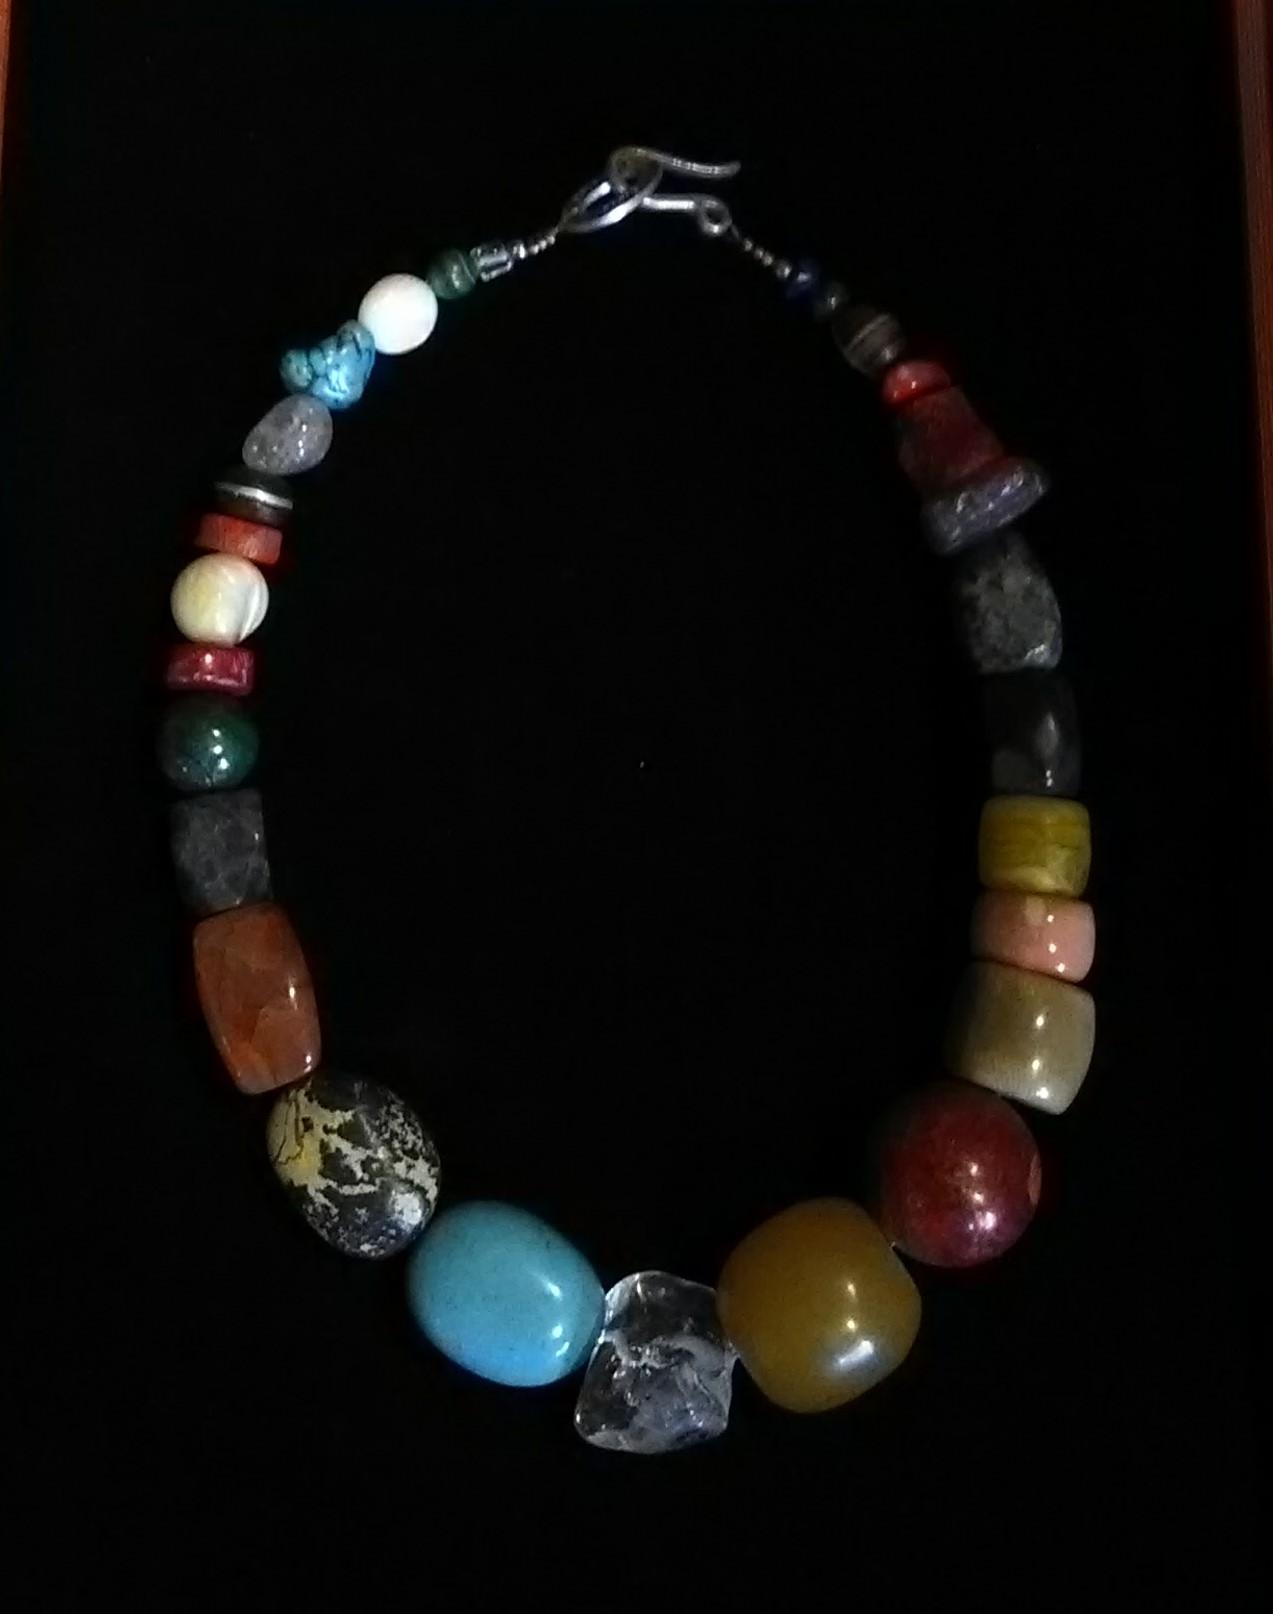 collier de pierres semi-précieuses 2